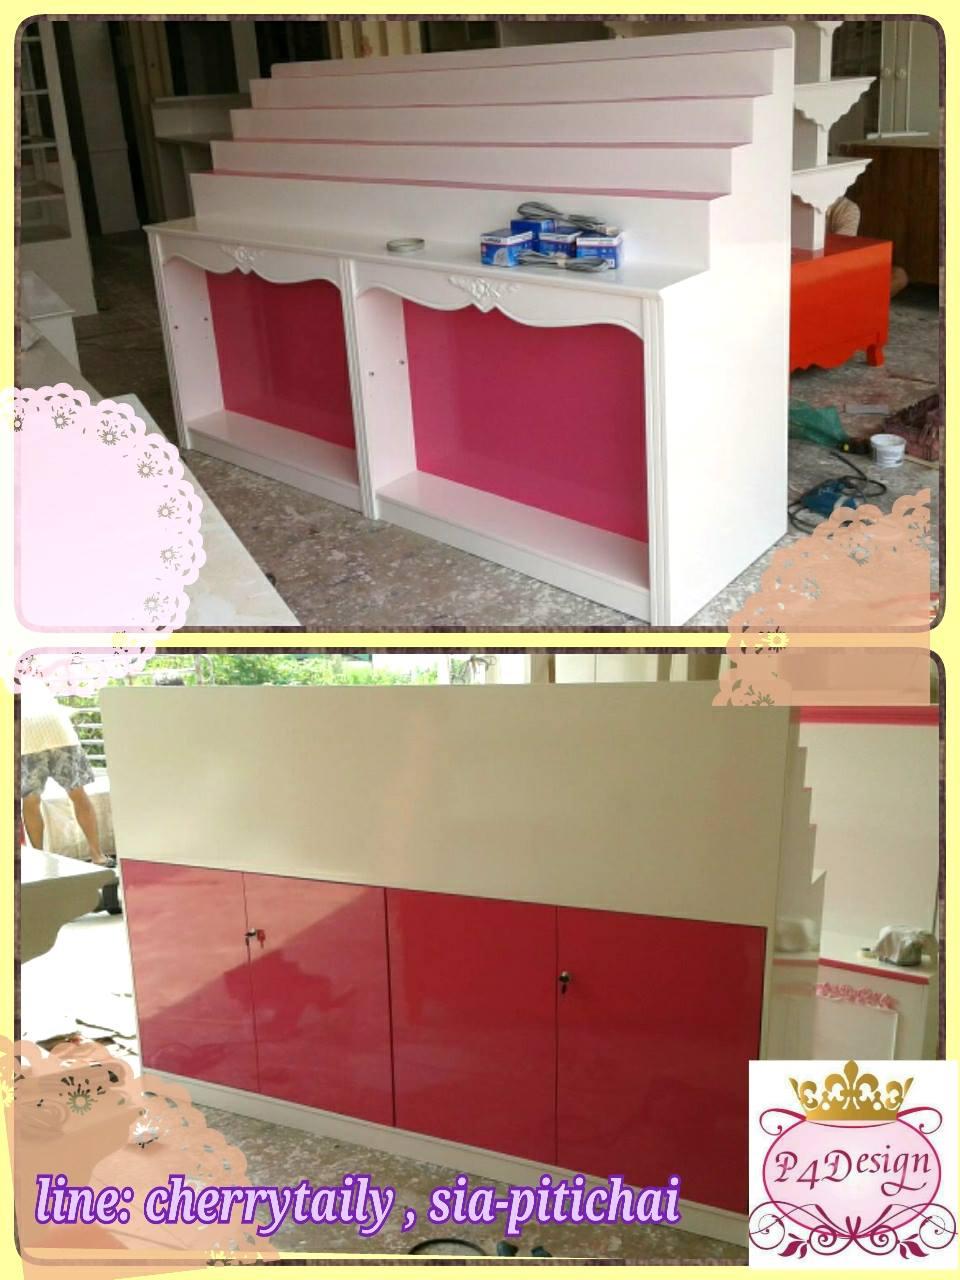 จัดส่งร้าน WOW20.com @ปากช่อง จ.นครราชสีมาจ้า ;)